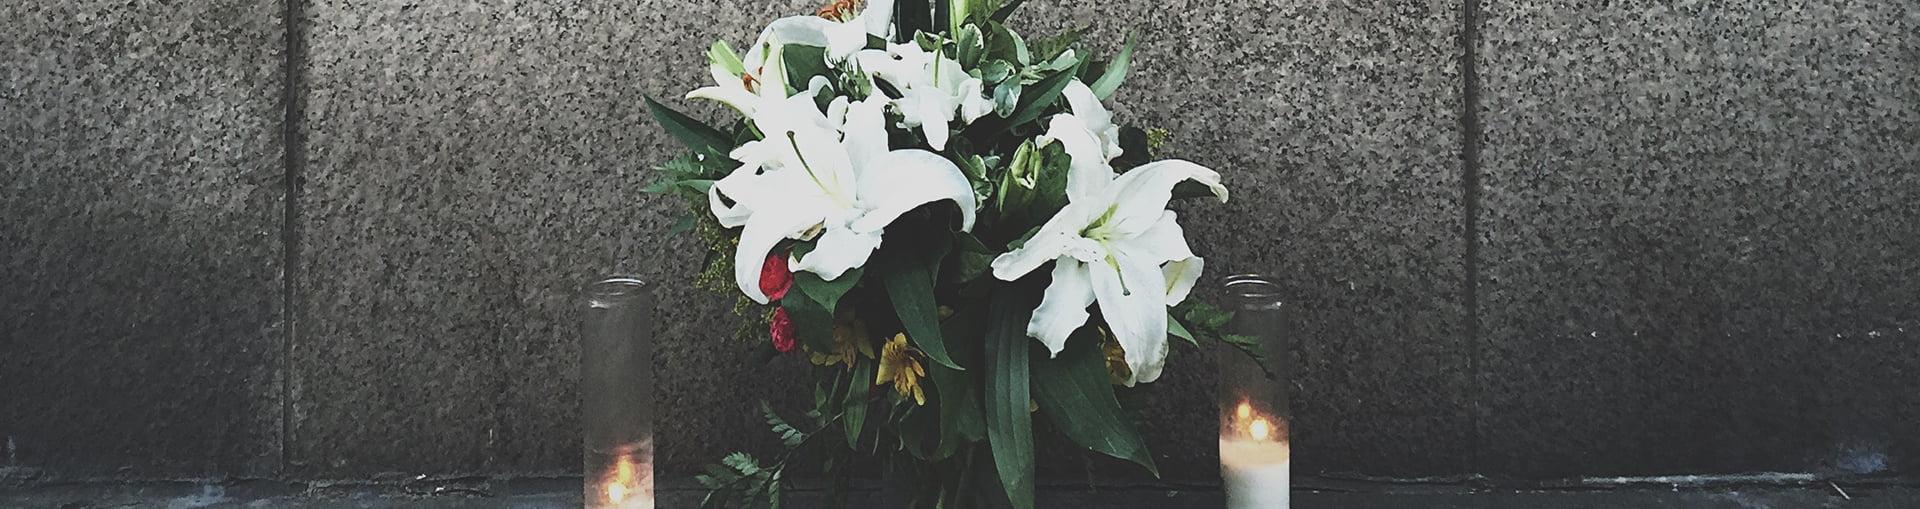 Begravningsbyrå Borås